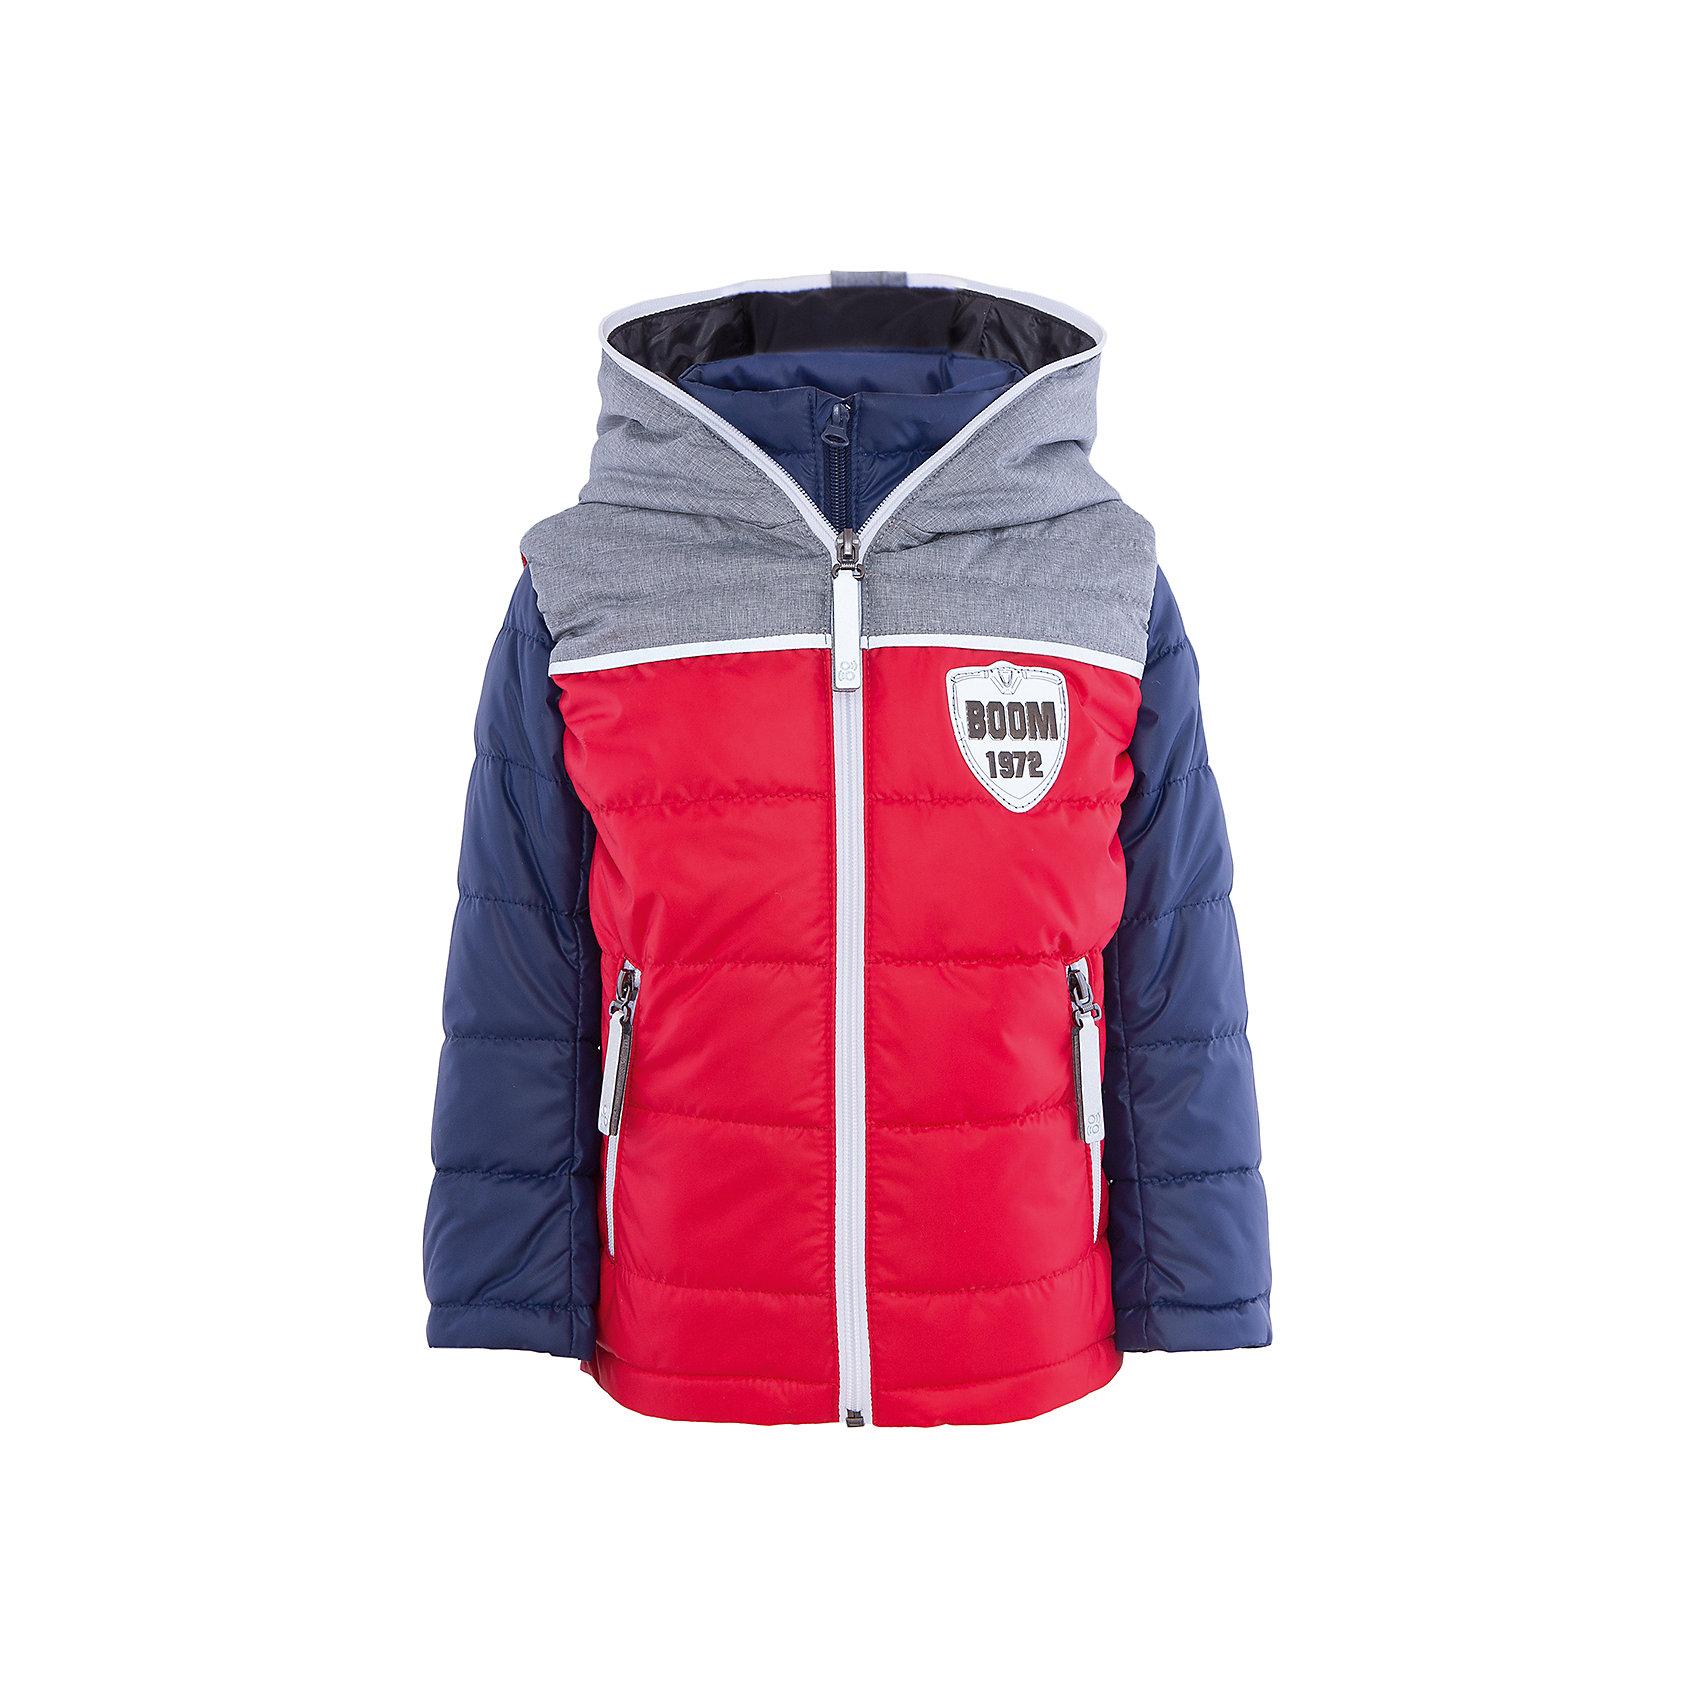 Куртка для мальчика BOOM by OrbyВерхняя одежда<br>Характеристики товара:<br><br>• цвет: красный/синий<br>• состав: 100% полиэстер<br>• курточка: верх - болонь, подкладка - поликоттон, полиэстер, утеплитель: Flexy Fiber 100 г/м2<br>• жилет: верх - таффета, подкладка - полиэстер, утеплитель: Flexy Fiber 100 г/м2<br>• комплектация: куртка, жилет<br>• температурный режим: от +15°до +5°С <br>• капюшон (не отстегивается)<br>• воротник-стойка<br>• застежка - молния<br>• модель-трансформер<br>• стеганая<br>• комфортная посадка<br>• страна производства: Российская Федерация<br>• страна бренда: Российская Федерация<br>• коллекция: весна-лето 2017<br><br>Куртка-трансформер с жилетом - универсальный вариант для межсезонья с постоянно меняющейся погодой. Эта модель - модная и удобная одновременно! Изделие отличается стильным ярким дизайном. Куртка хорошо сидит по фигуре, отлично сочетается с различным низом. Вещь была разработана специально для детей.<br><br>Одежда от российского бренда BOOM by Orby уже завоевала популярностью у многих детей и их родителей. Вещи, выпускаемые компанией, качественные, продуманные и очень удобные. Для производства коллекций используются только безопасные для детей материалы. Спешите приобрести модели из новой коллекции Весна-лето 2017! <br><br>Куртку для мальчика от бренда BOOM by Orby можно купить в нашем интернет-магазине.<br><br>Ширина мм: 356<br>Глубина мм: 10<br>Высота мм: 245<br>Вес г: 519<br>Цвет: синий<br>Возраст от месяцев: 120<br>Возраст до месяцев: 132<br>Пол: Мужской<br>Возраст: Детский<br>Размер: 146,158,104,110,98,116,122,128,134,140,152<br>SKU: 5343466